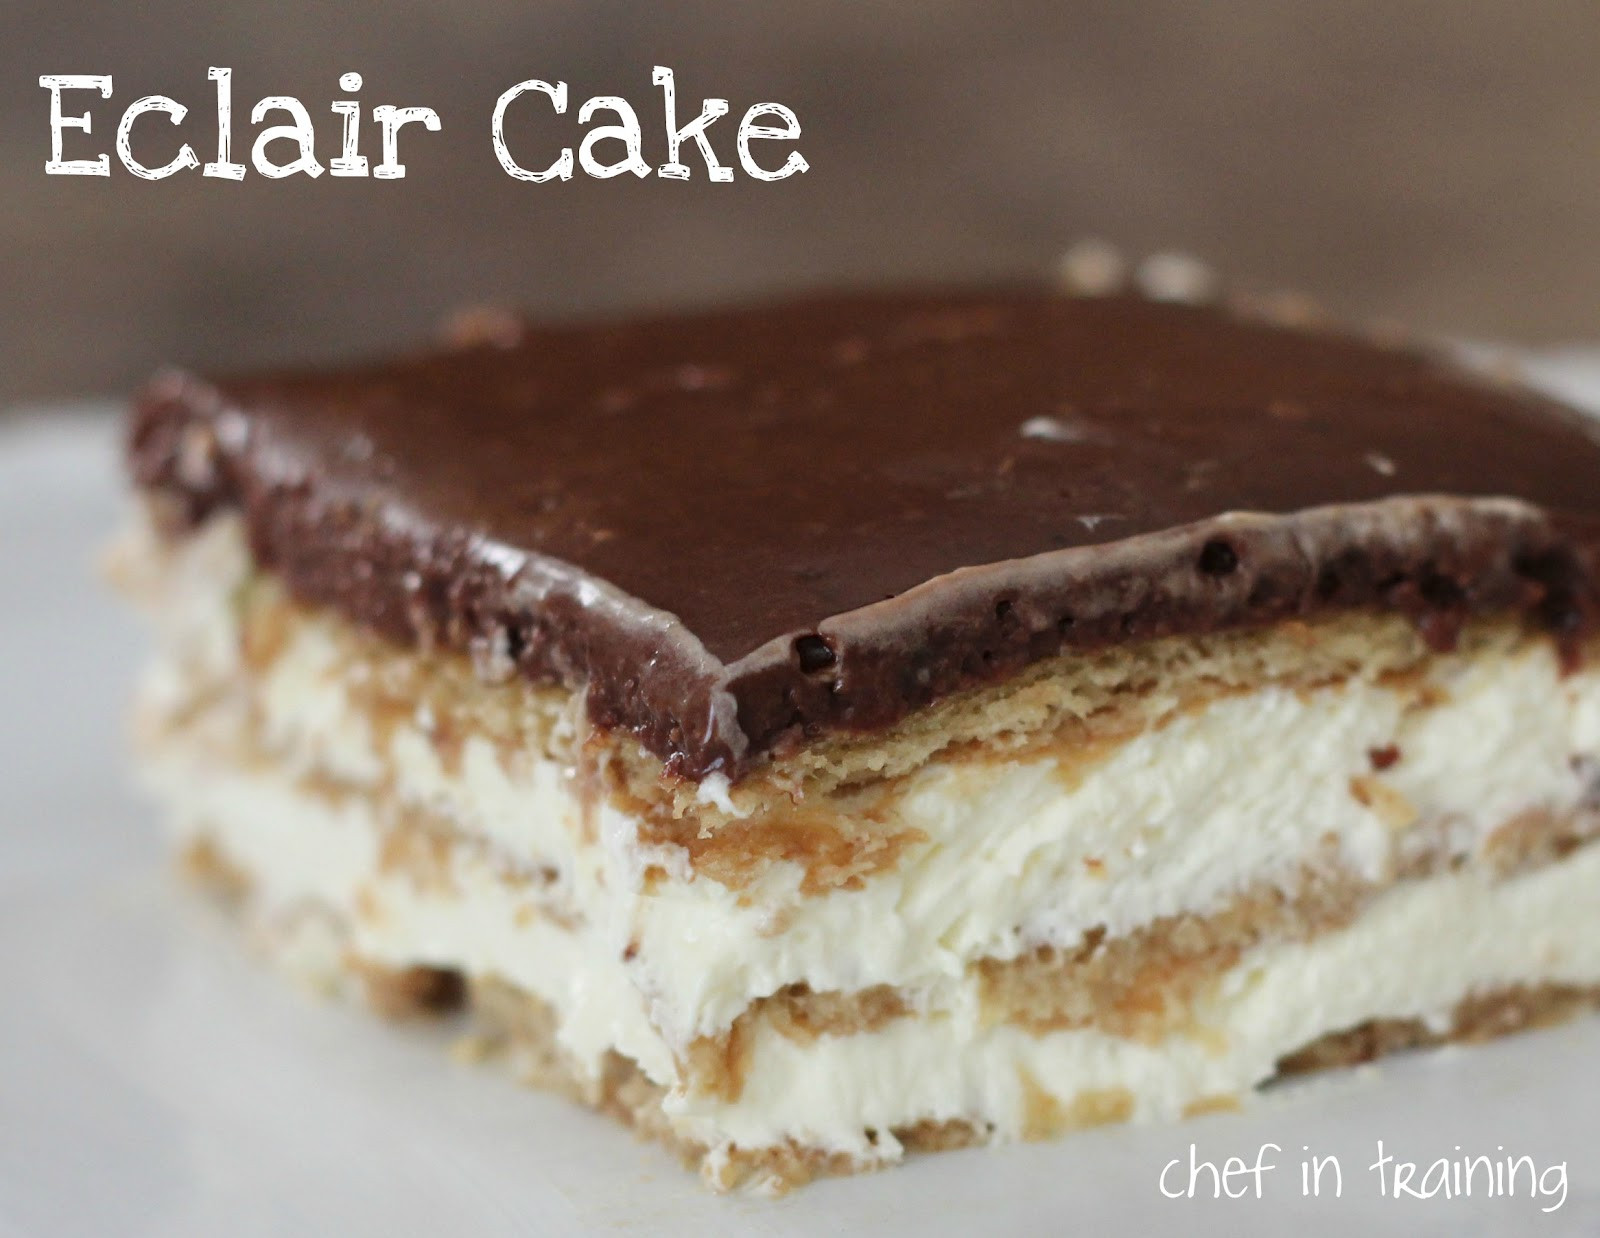 Eclair Cake Recipe  Eclair Cake Chef in Training